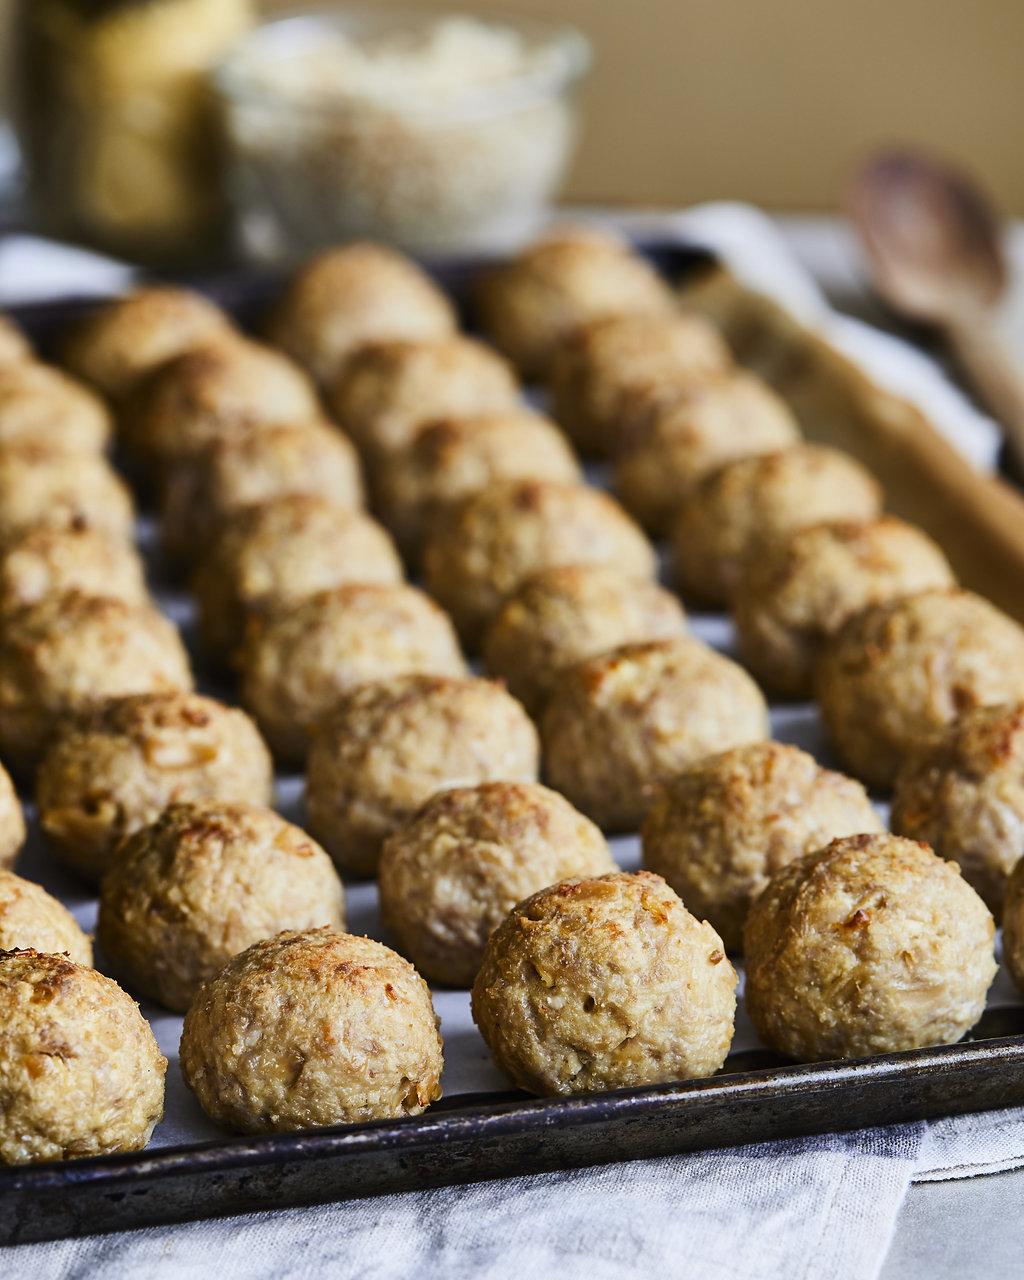 danielraiche_cuisinefutee_mag04_boulettes_1